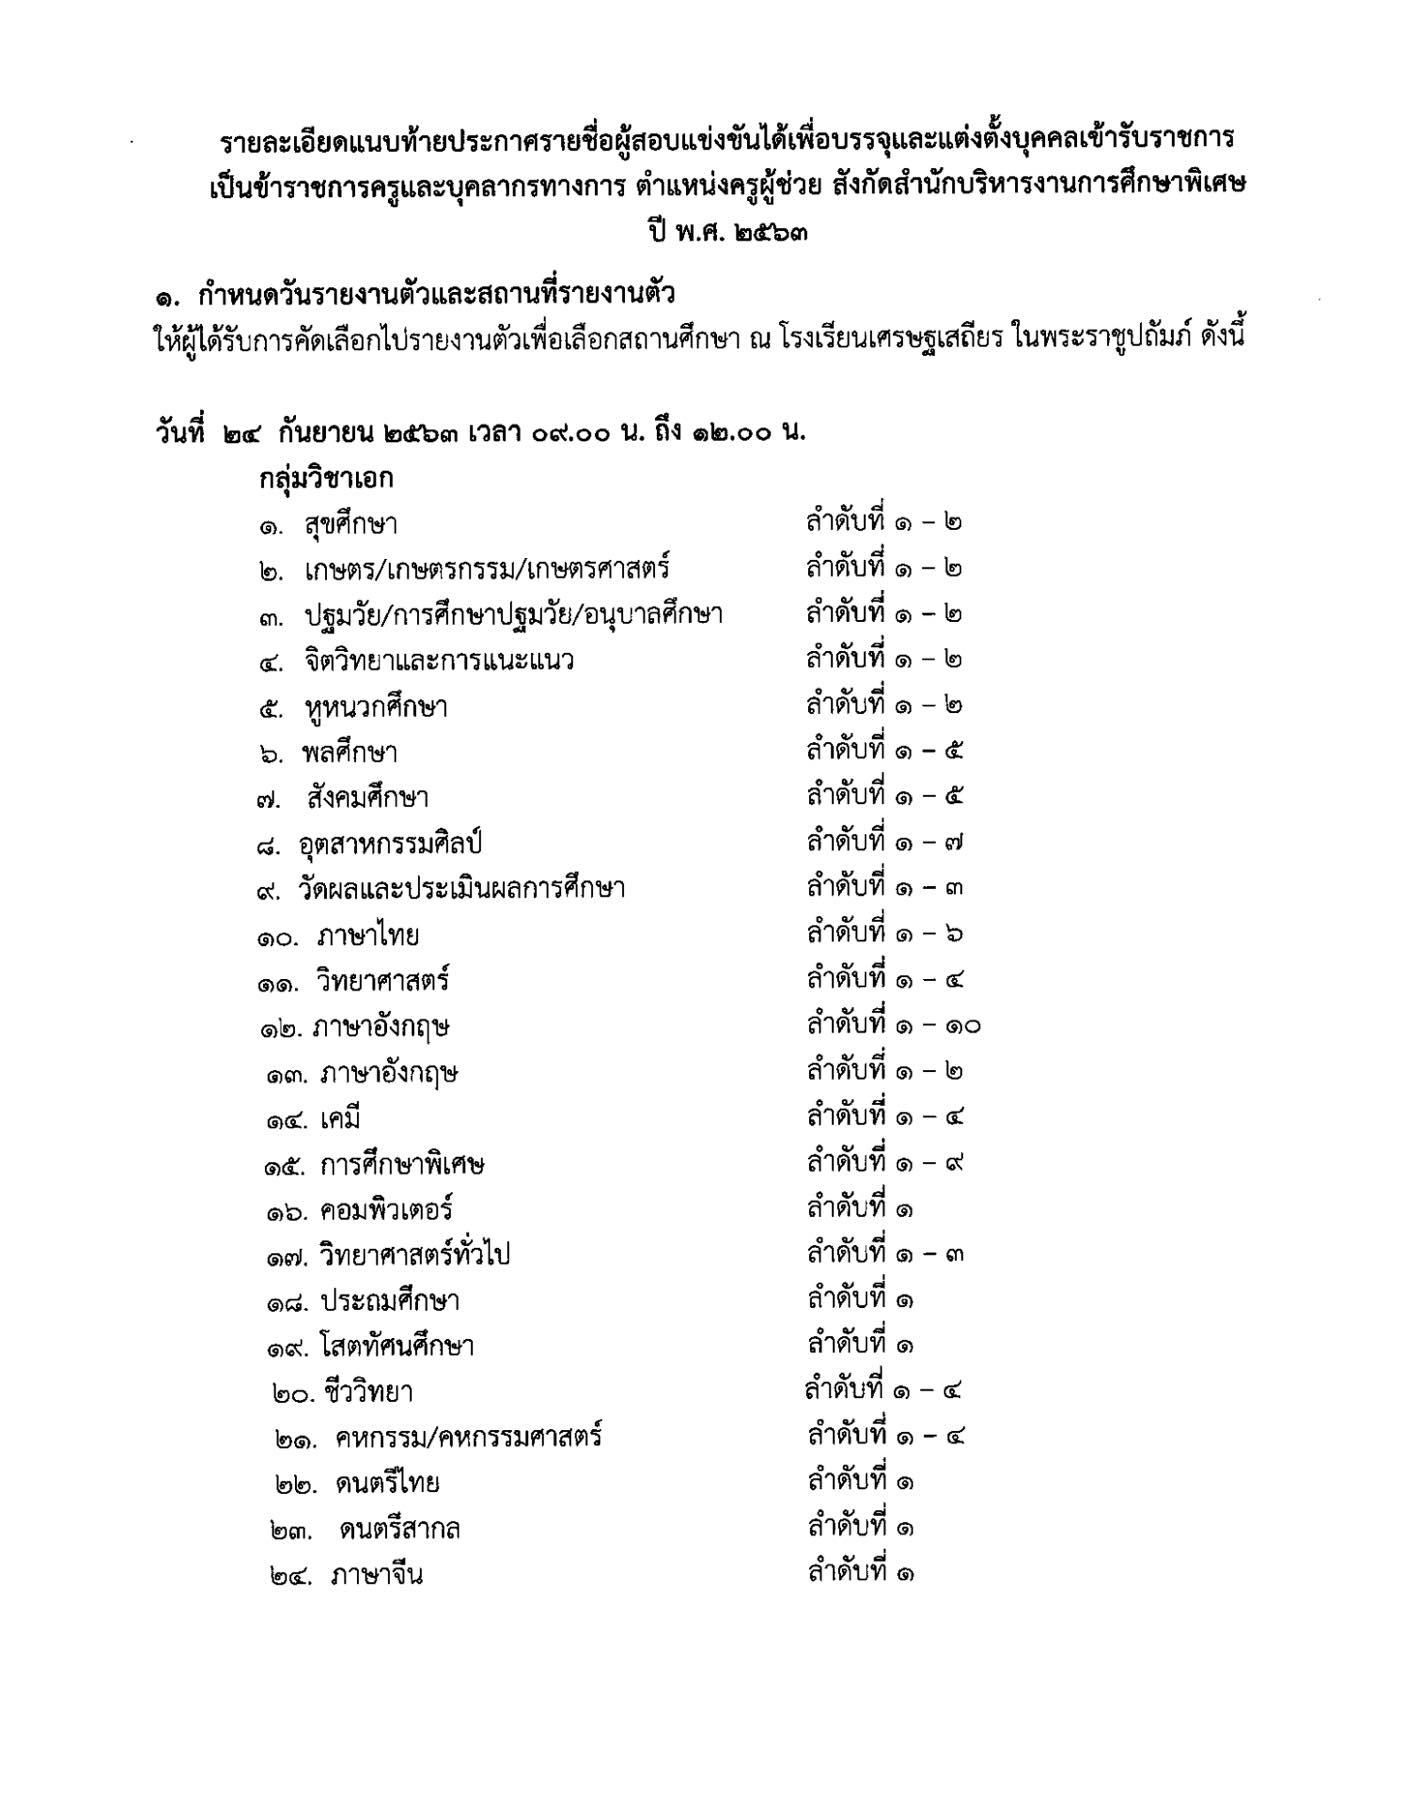 สศศ. ประกาศแล้ว รายชื่อขึ้นบัญชีครูผู้ช่วย รอบทั่วไป 1/2563 รายงานตัว 24 กันยายน 2563